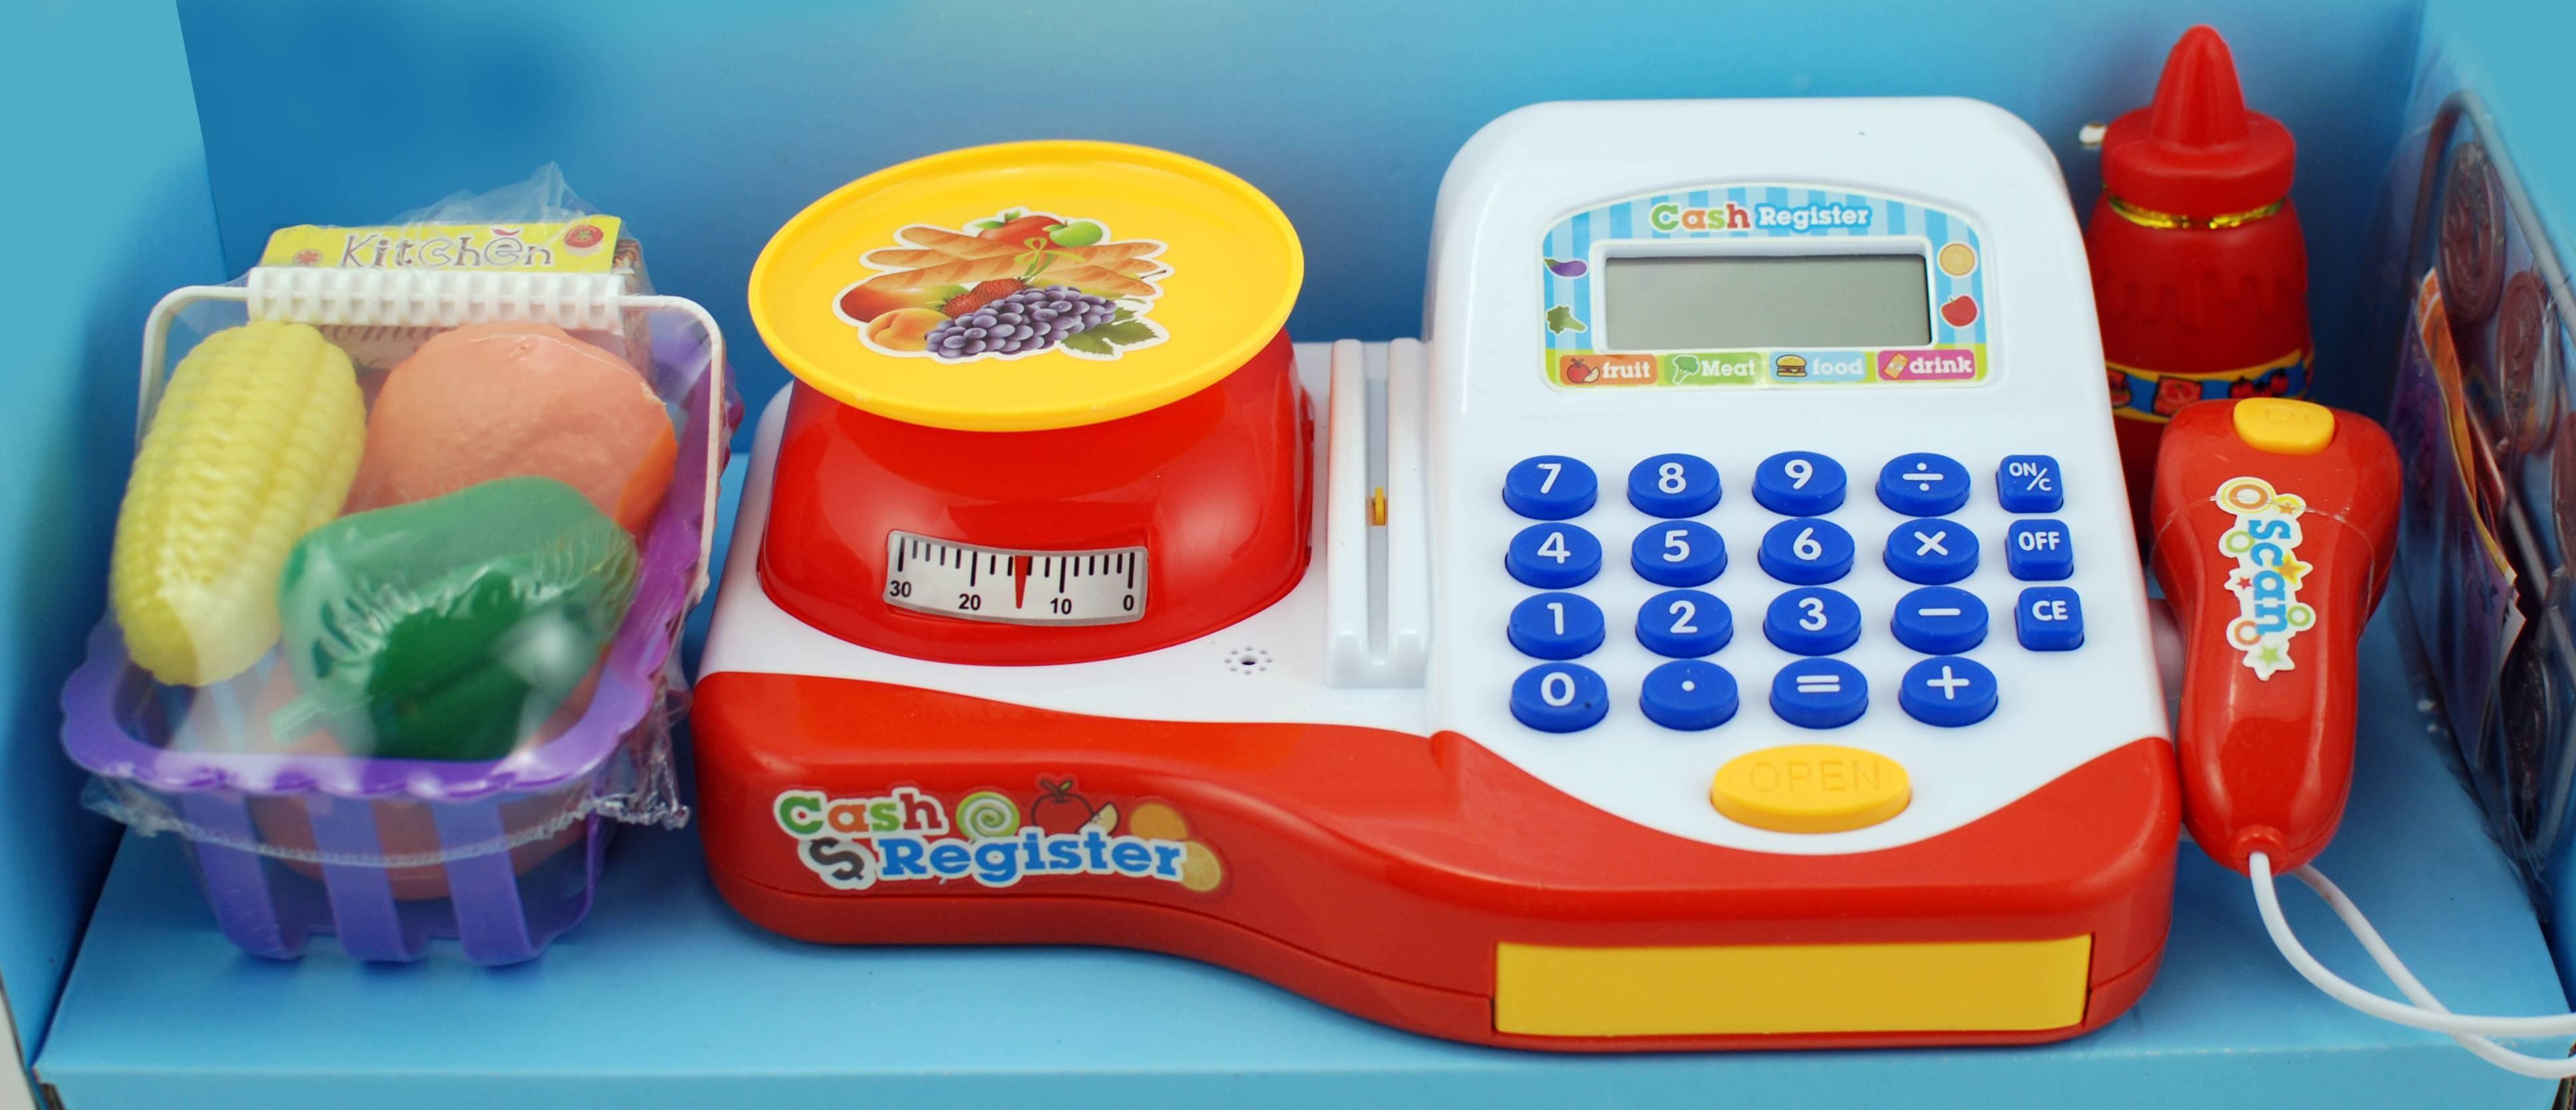 Casa de marcat de jucarie, cu scanner si multe accesorii - Cel mai frumos cadou pentru copii!